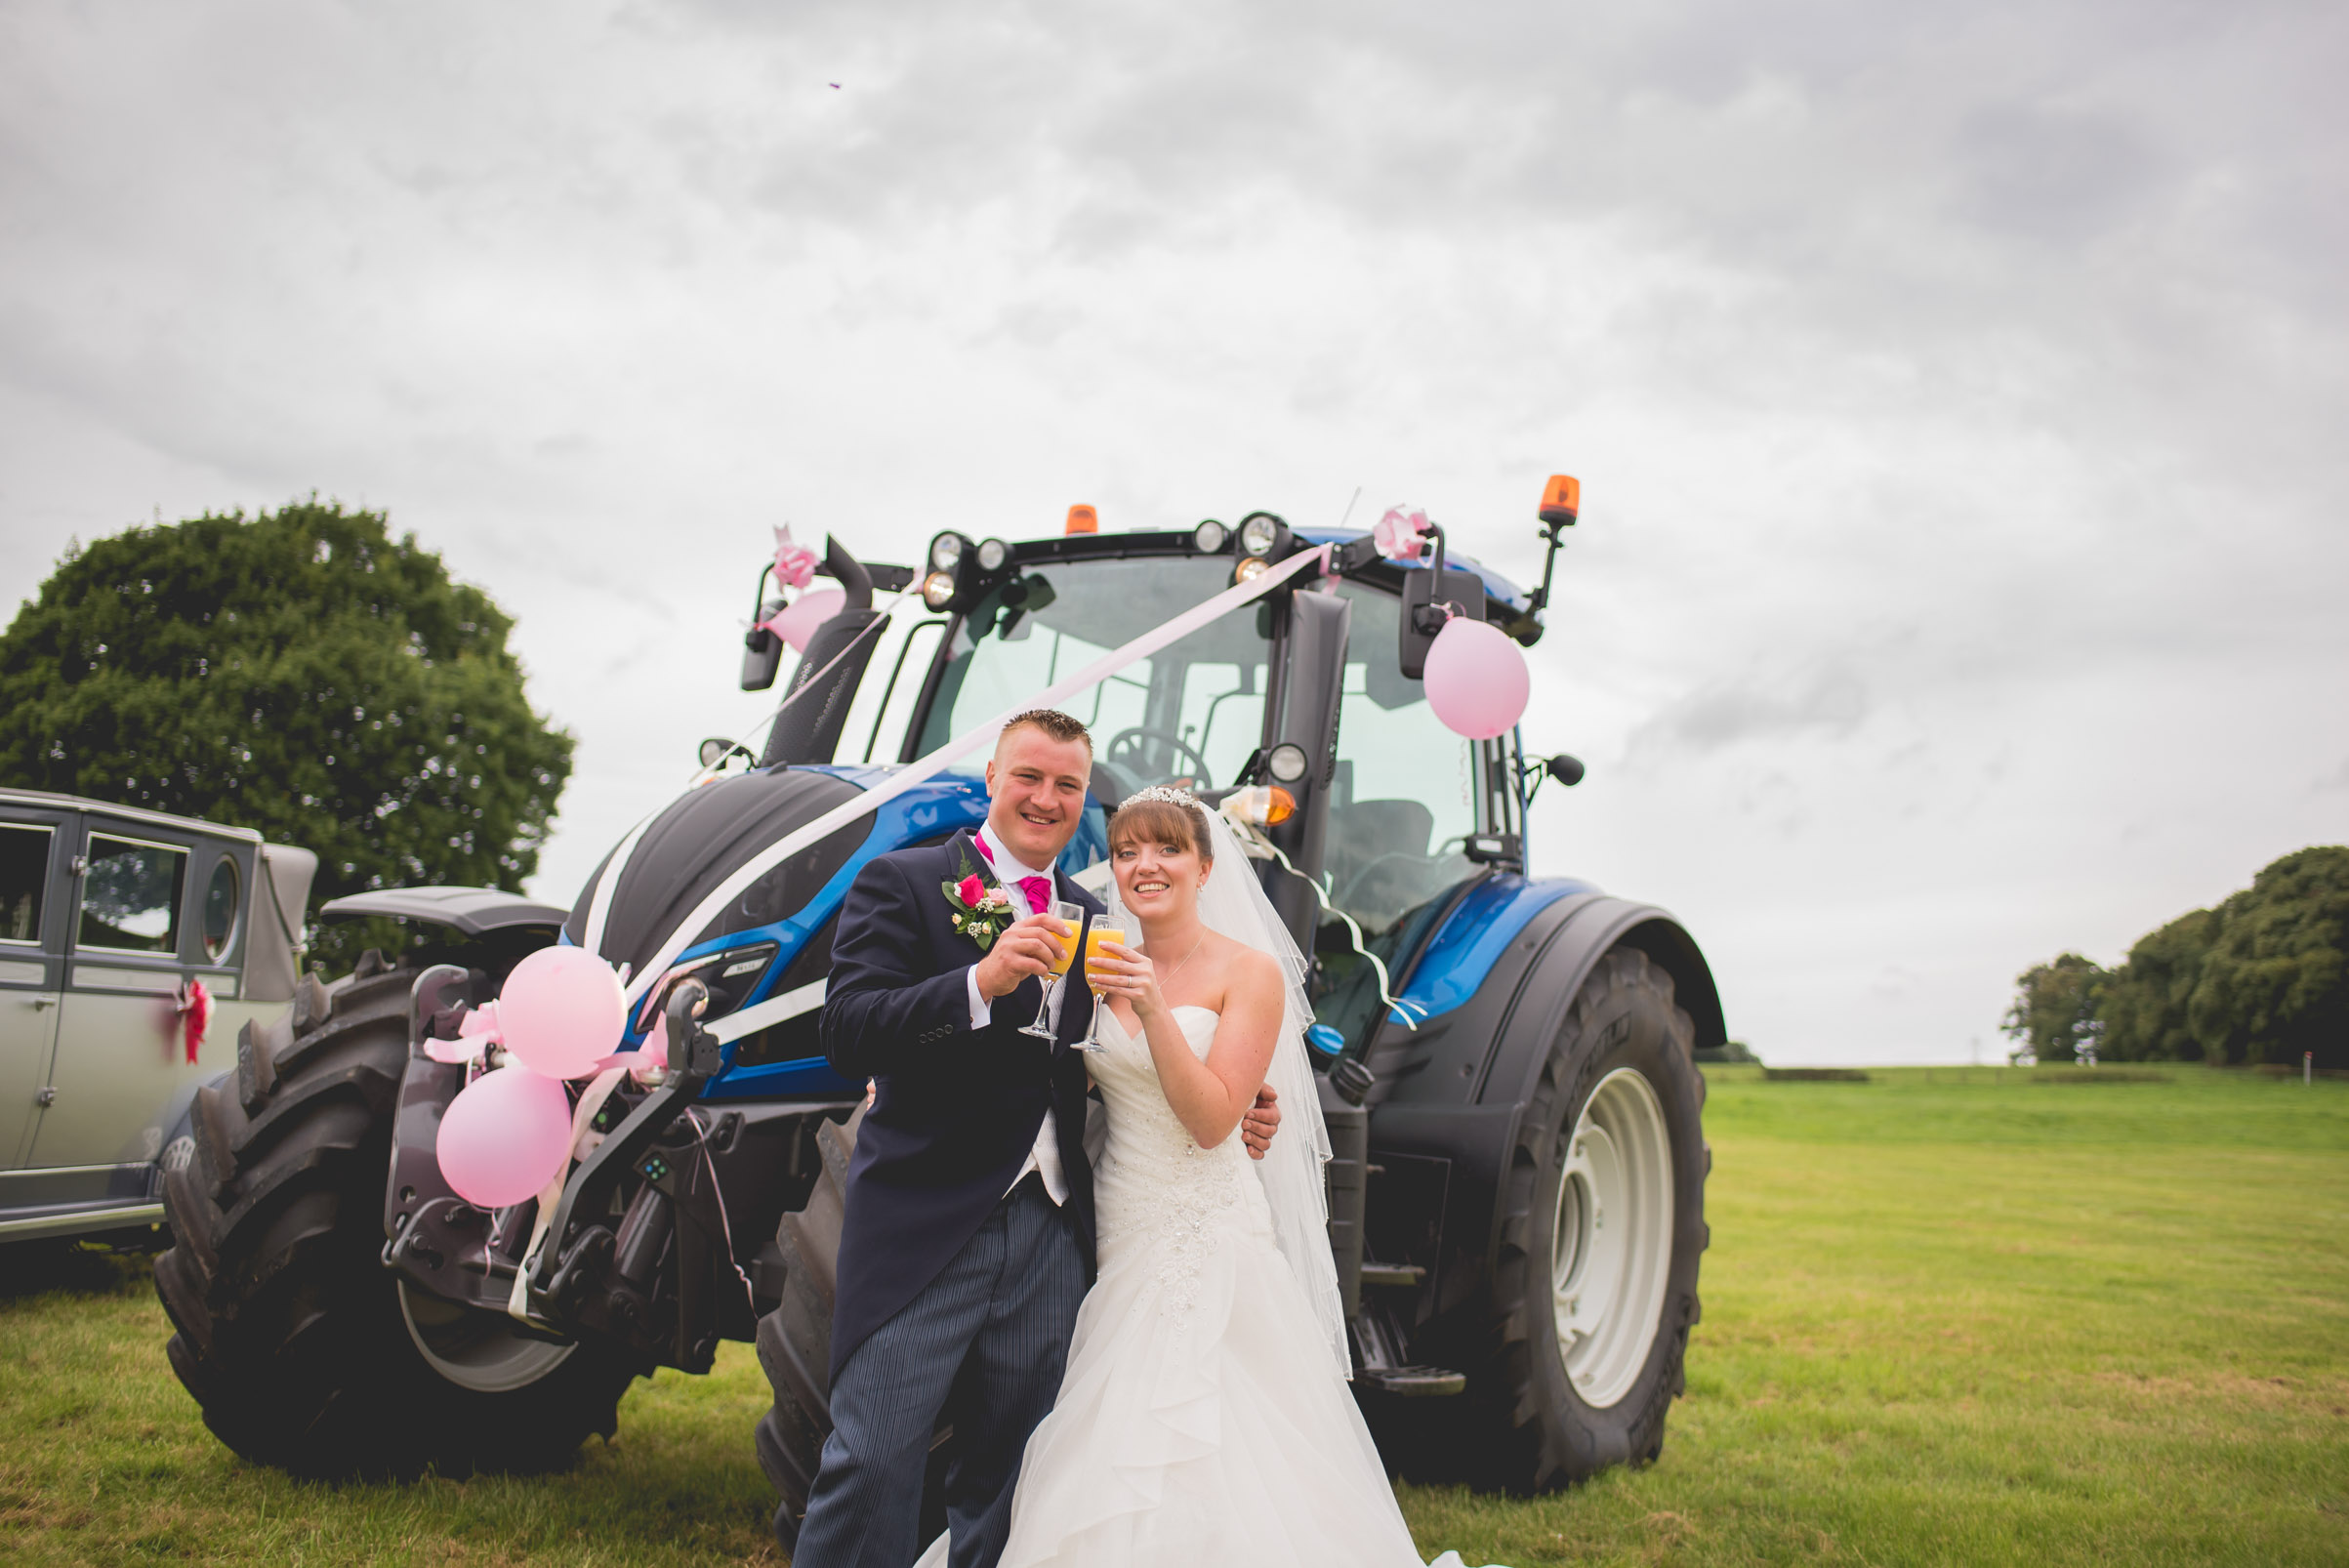 Farm-wedding-staffordshire-st-marys-catholic-church-uttoxter-56.jpg